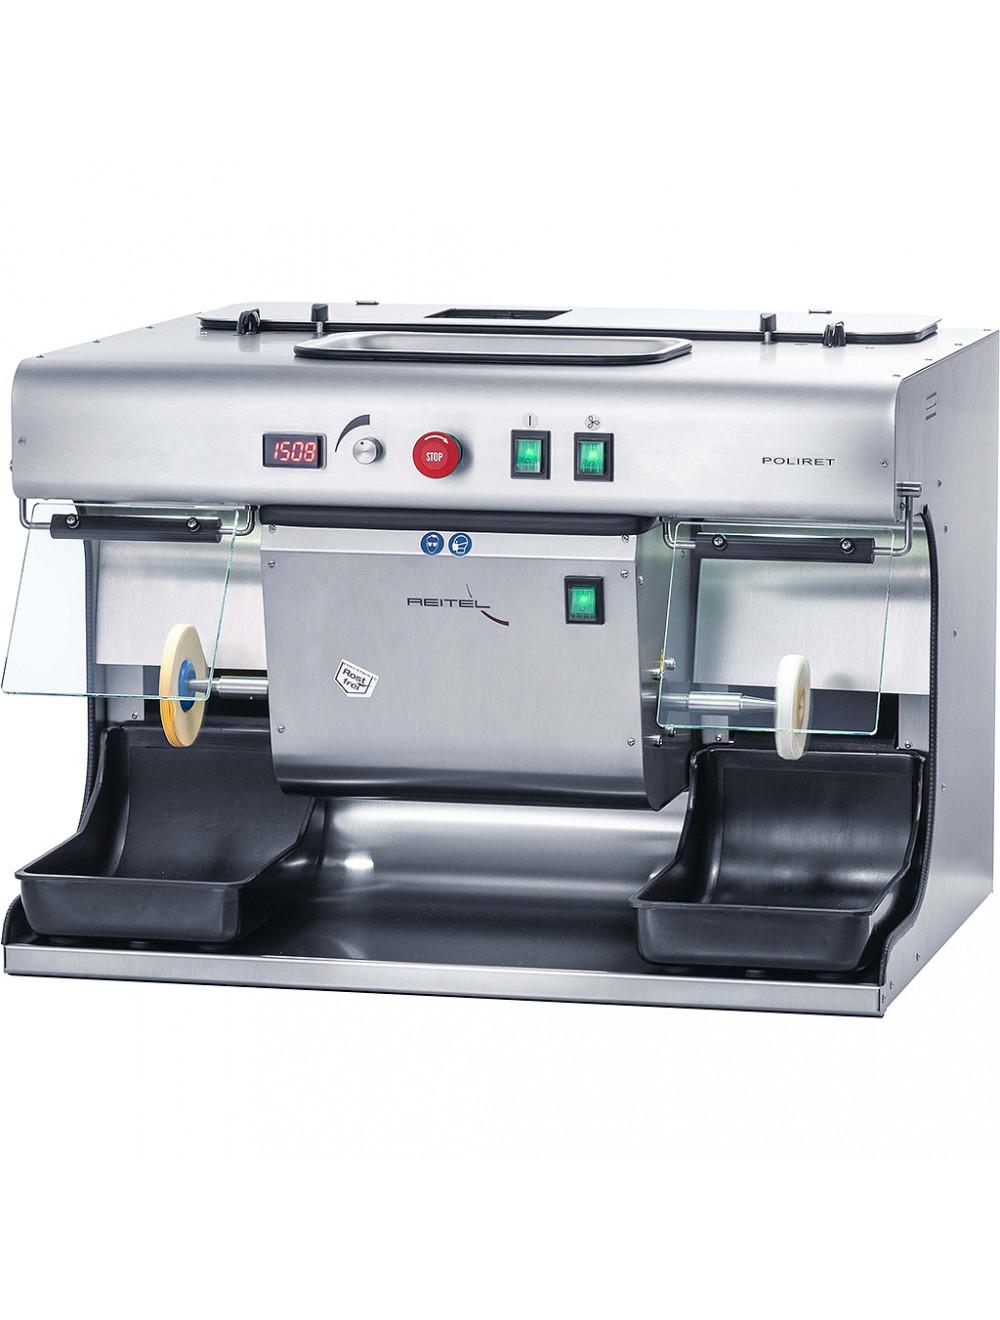 Das Produkt Reitel POLIRET Poliergerät mit Drehzahlanzeige 10328001 aus dem Global-dent online shop.